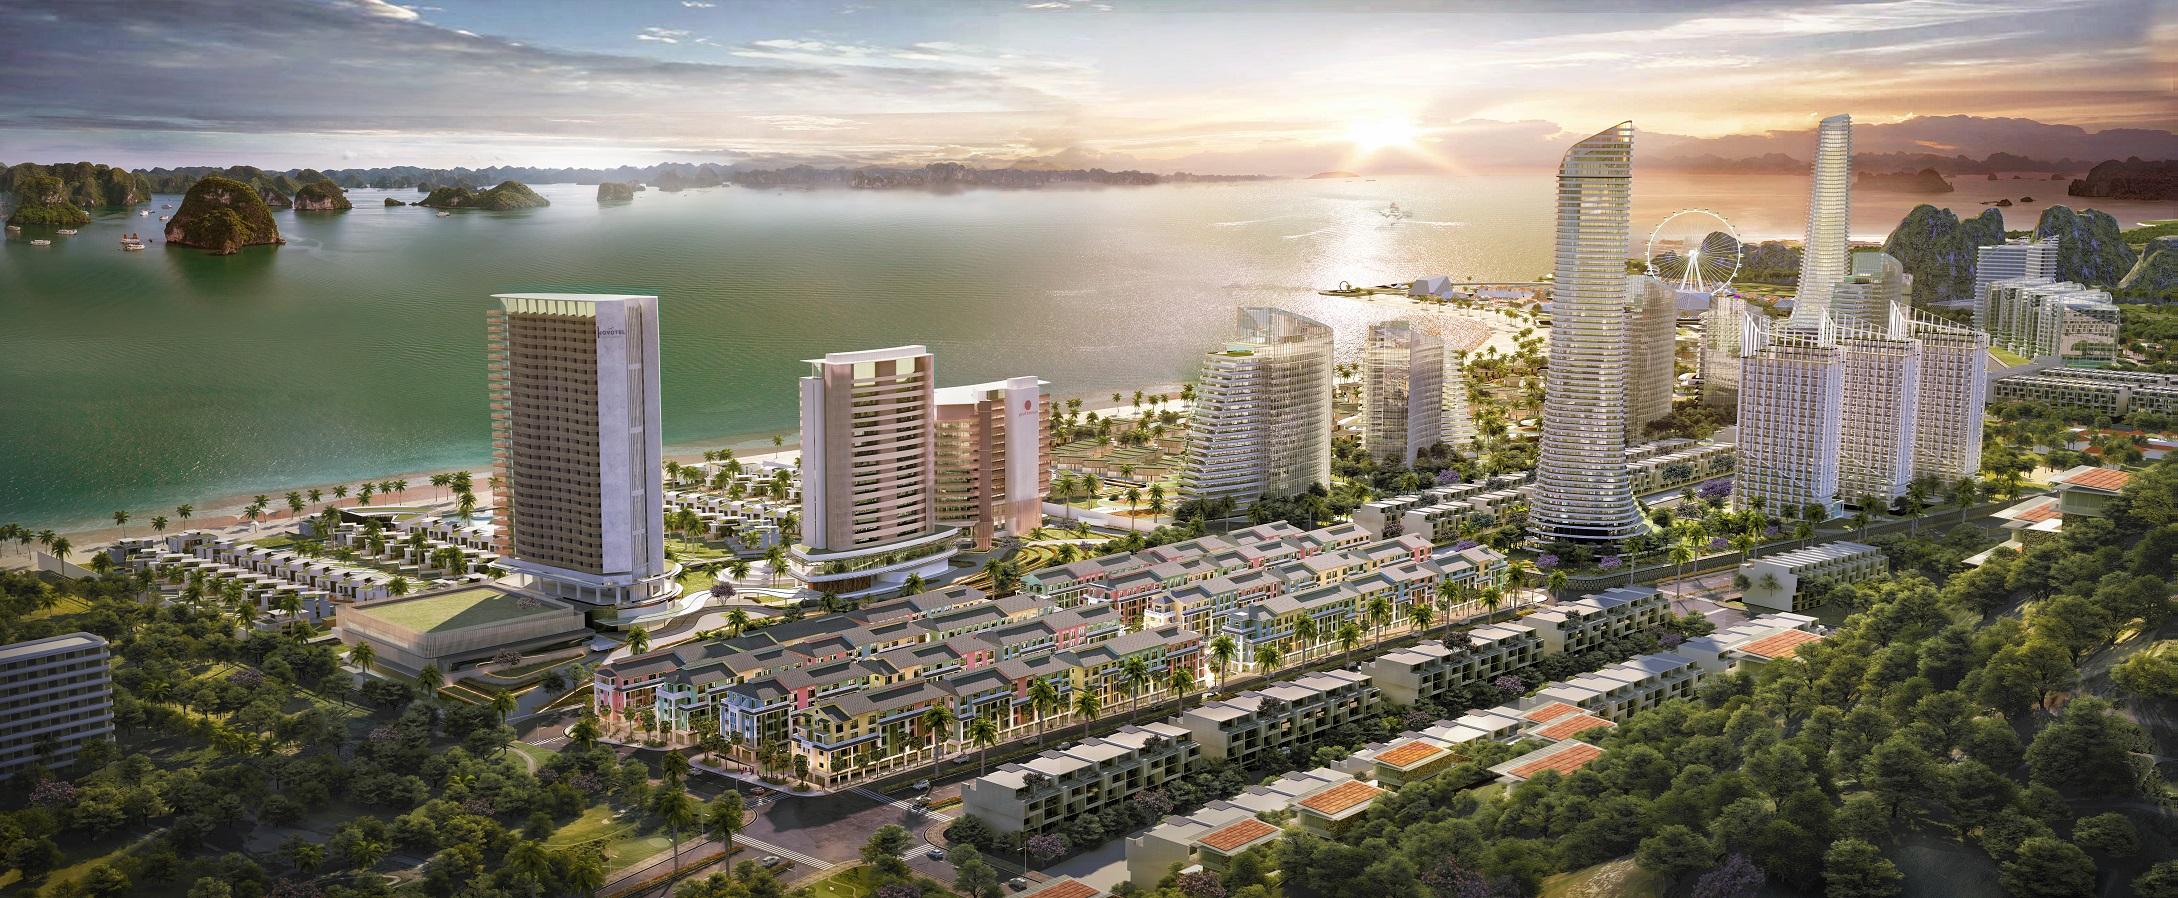 Sonasea Vân Đồn Harbor City chính thức được vinh danh Top 10 dự án BĐS nổi bật, hấp dẫn nhất thị trường - Tập đoàn CEO